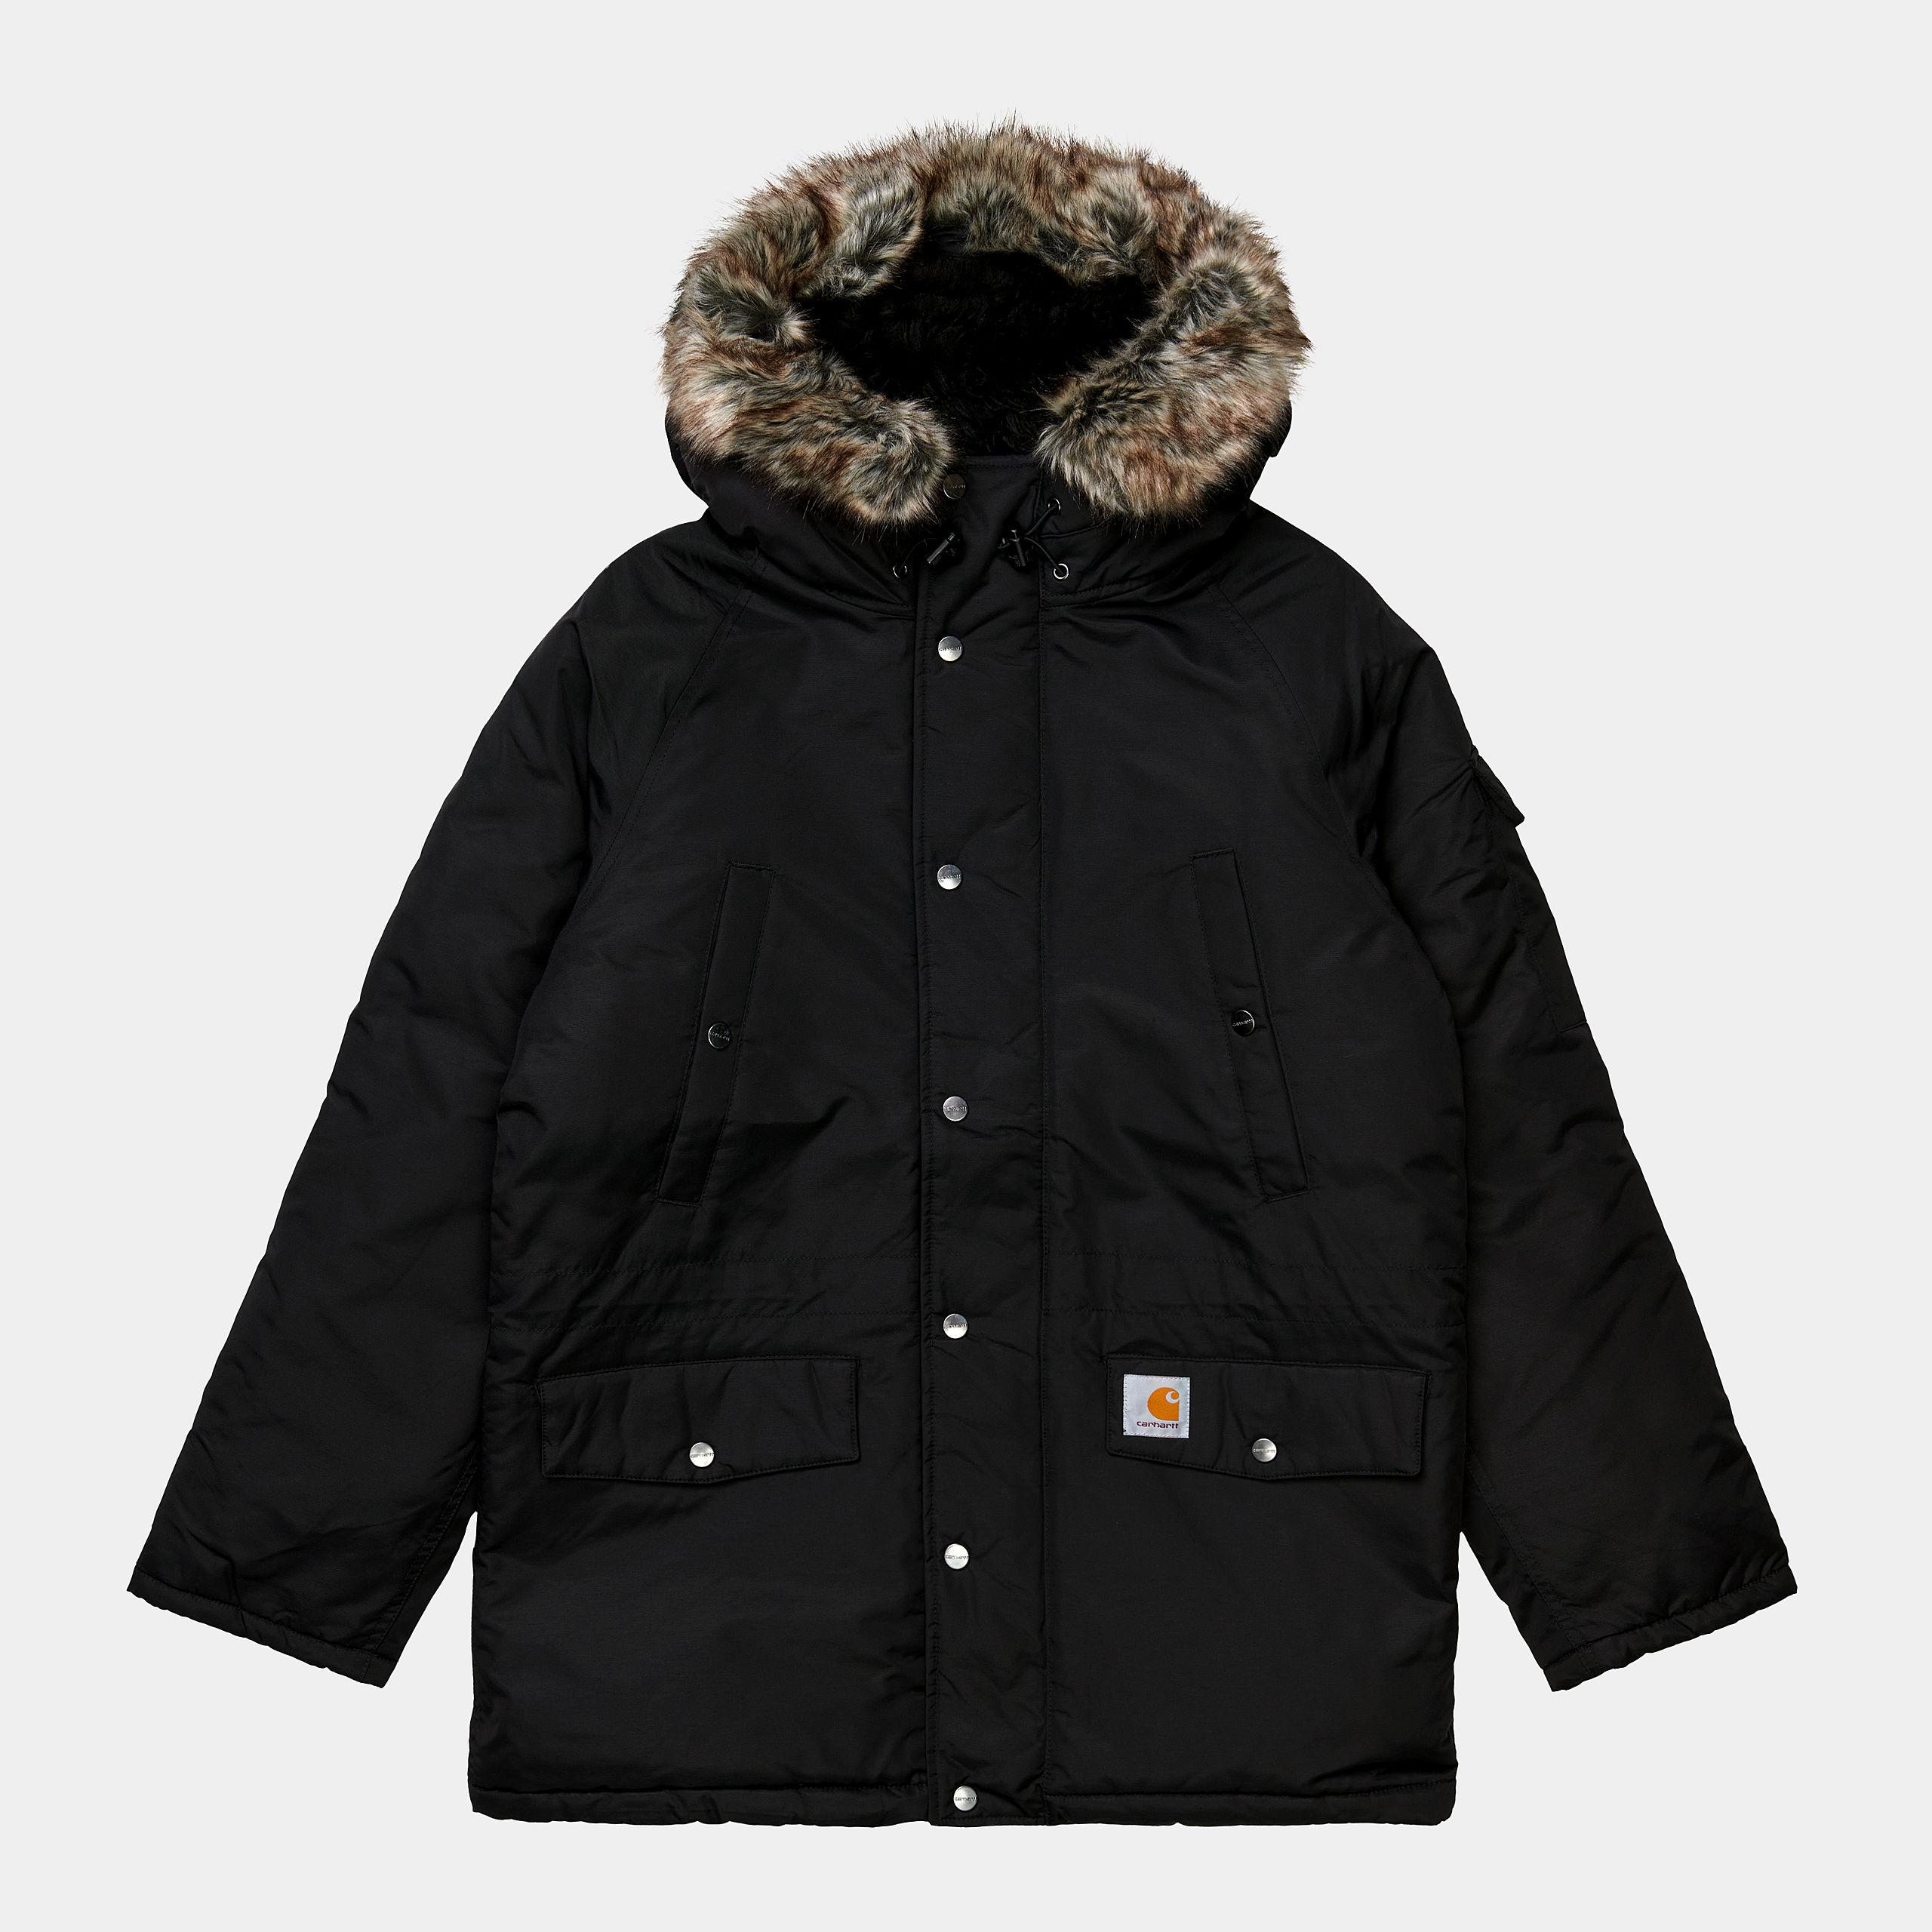 20% Extrarabatt auf Carhartt Jacken im Sale: z.B. Carhartt Anchor Parka in drei Farben (Gr. XS - XXL) für 87,50€ inkl. Versand